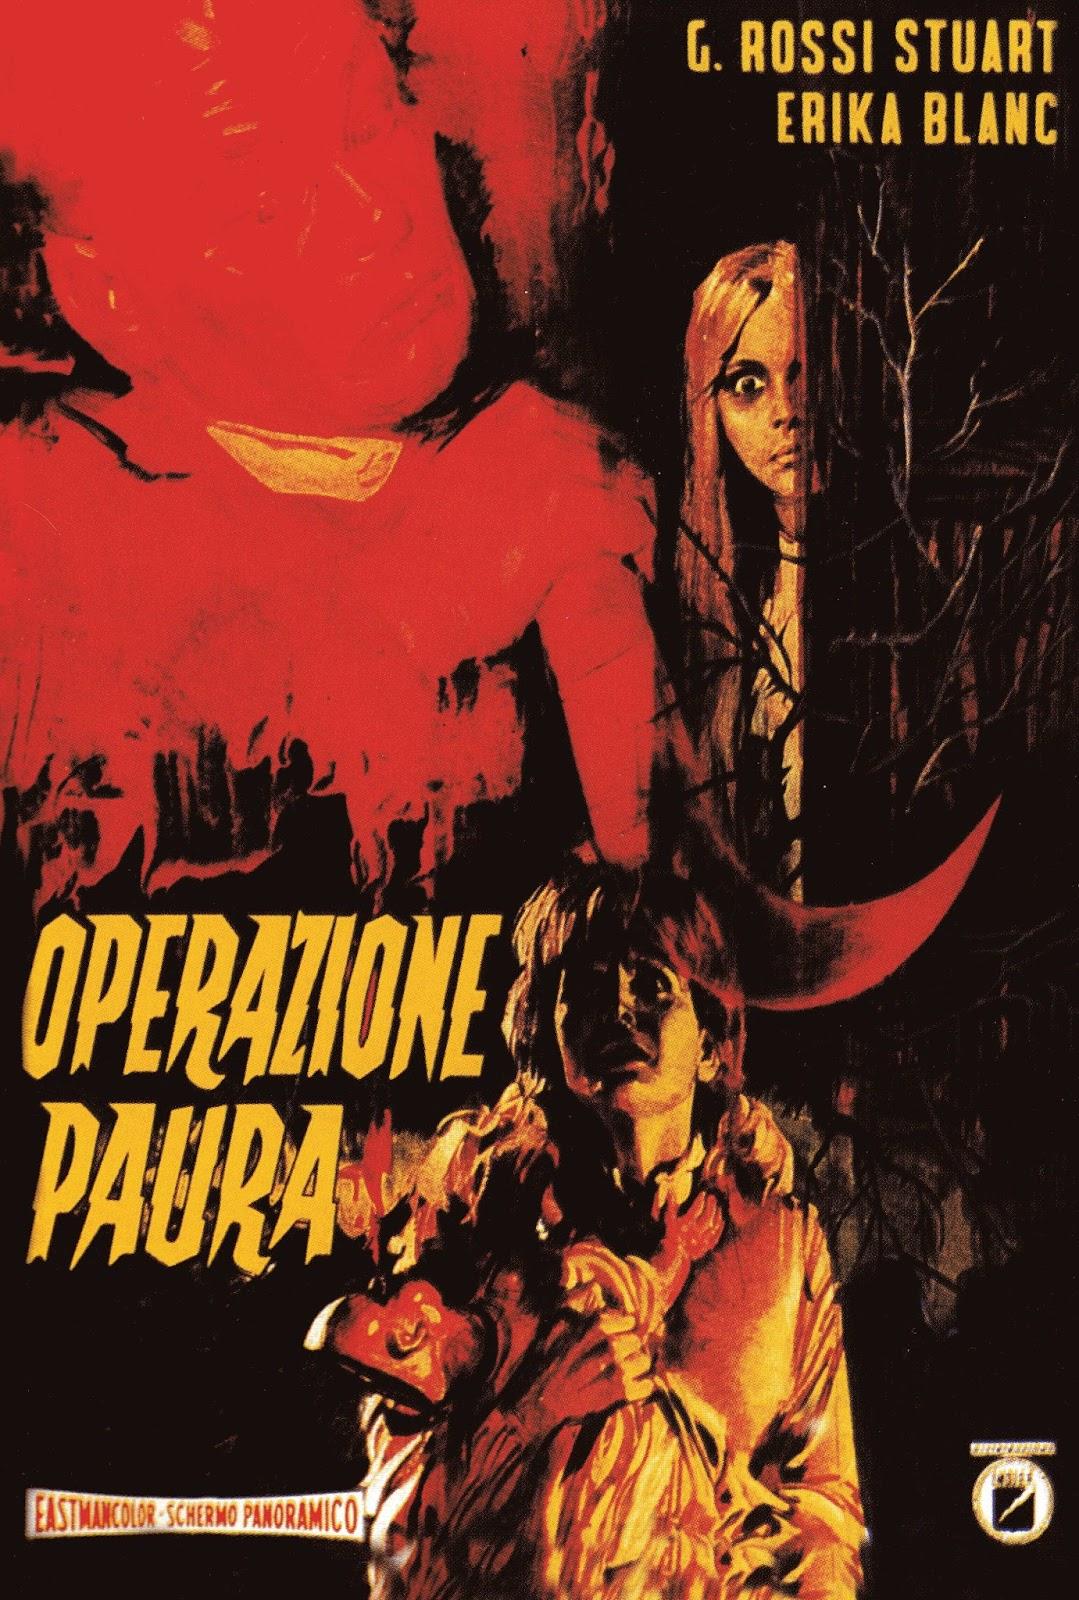 Cine fantástico, terror, ciencia-ficción... recomendaciones, noticias, etc - Página 9 Kill_baby_kill_1966_poster_04